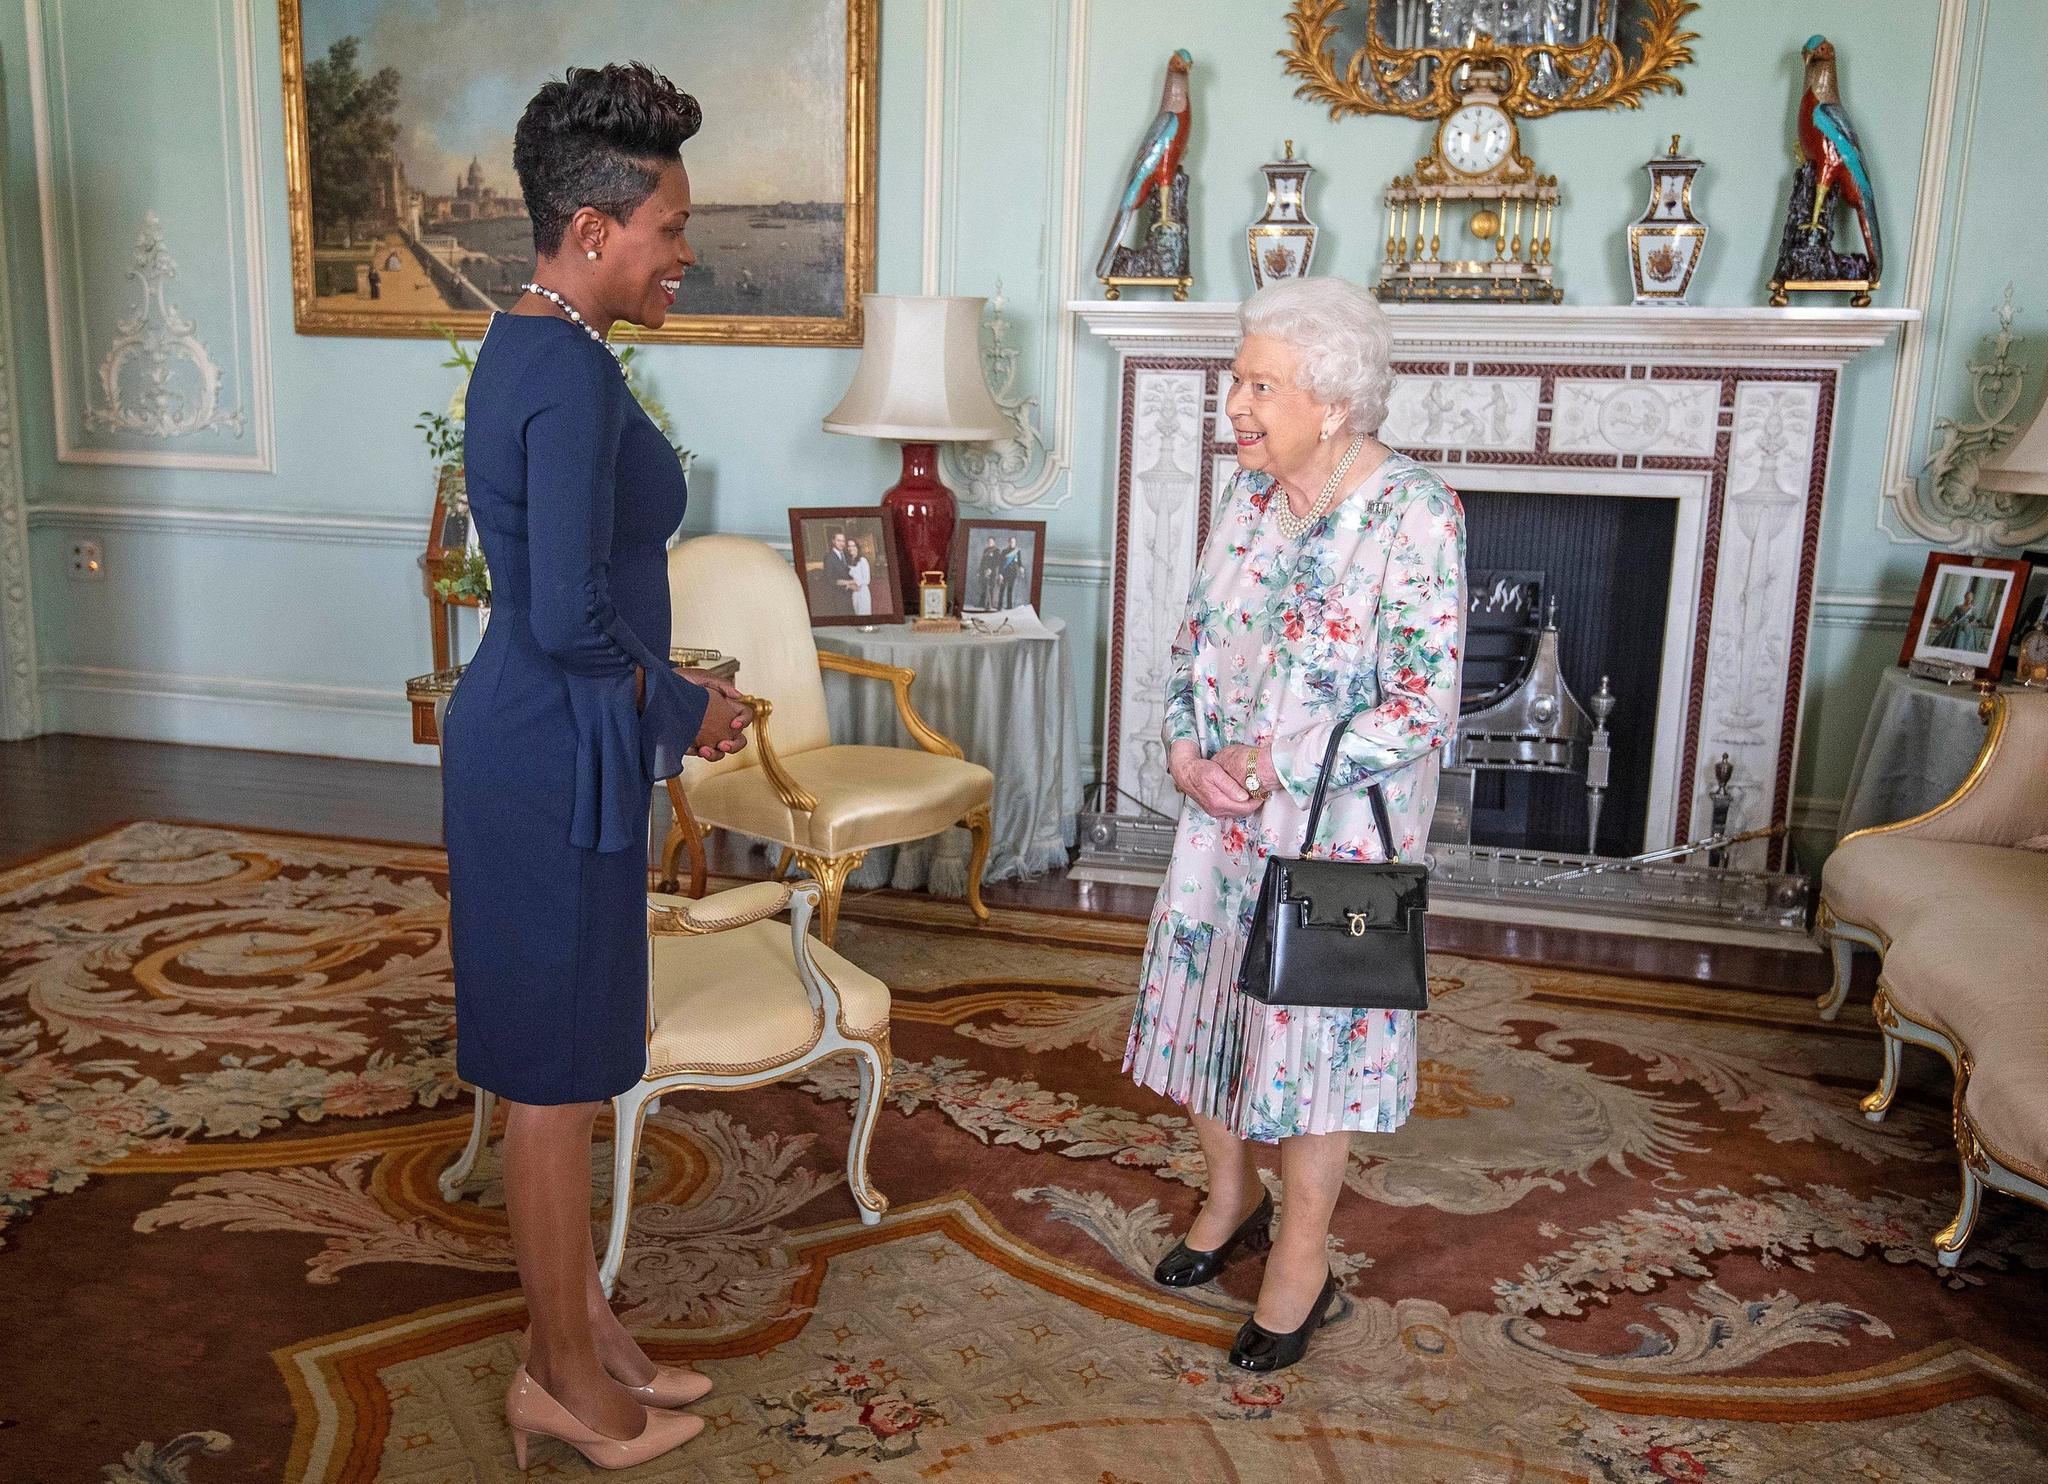 Als die Queen Lakisha Grant im Oktoberim Palast begrüßt fällt auf, dass das Verlobungsfoto von Harry und Meghan nicht mehr auf seinem Stammplatz steht.